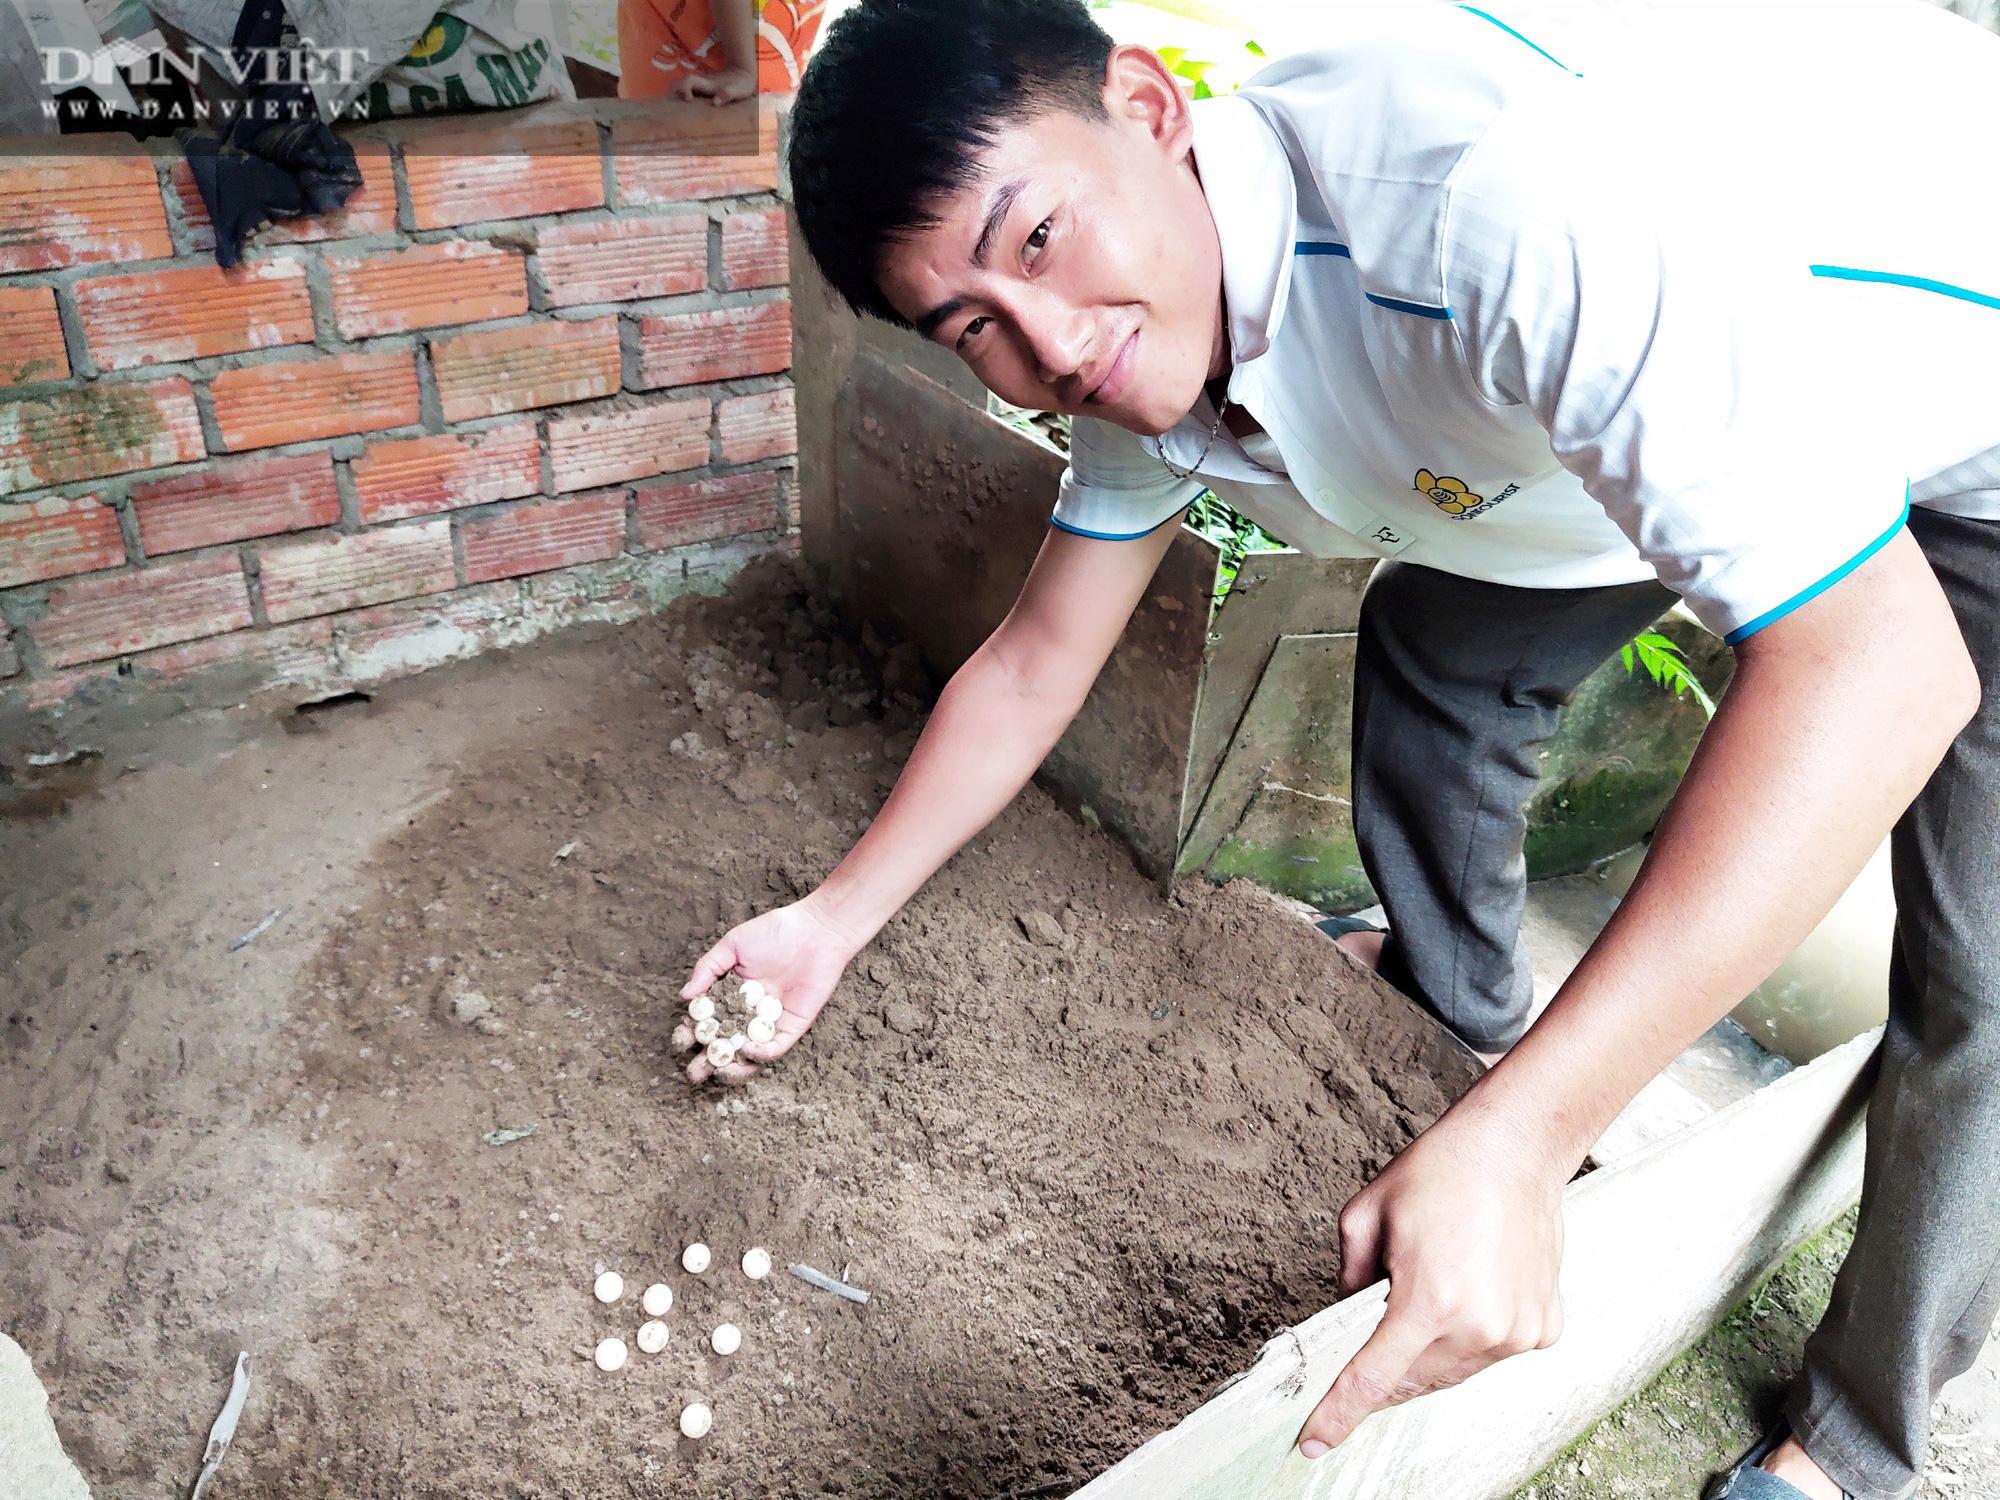 Sóc Trăng: Anh nông dân kiếm vài trăm triệu/vụ nhờ 15 năm đam mê nuôi ba ba - Ảnh 5.